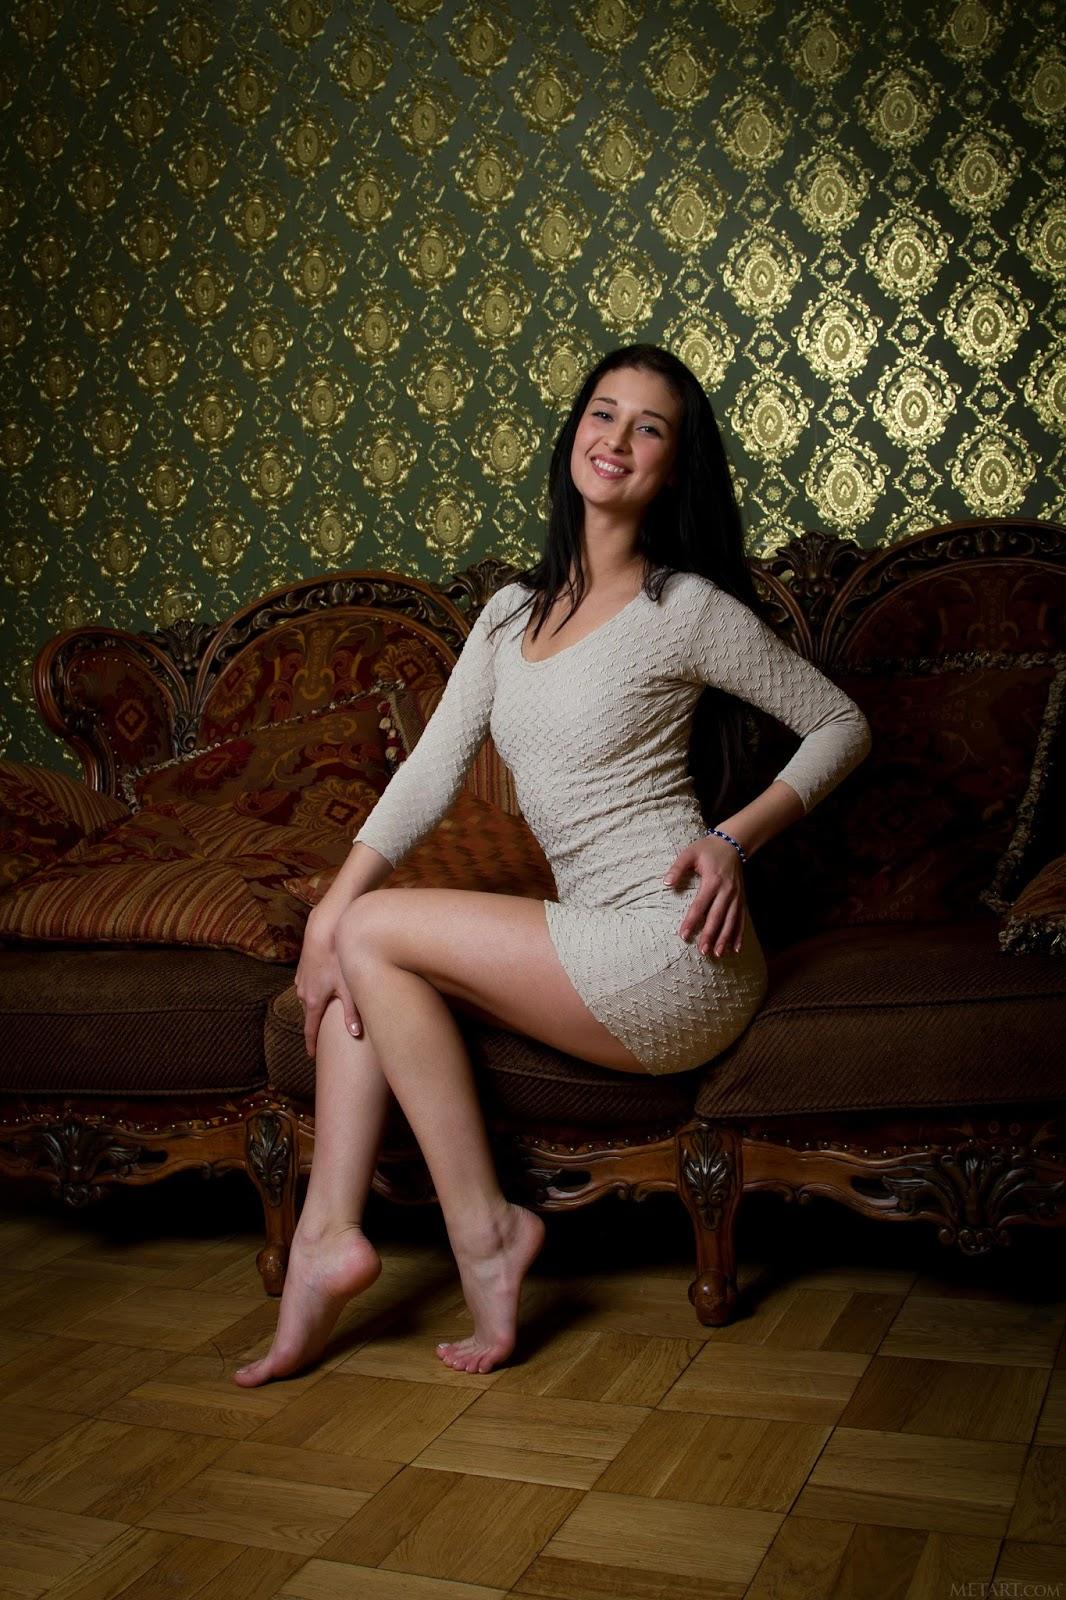 Katya Chertykova, Ukrainian model in 2020 | Beauty girl